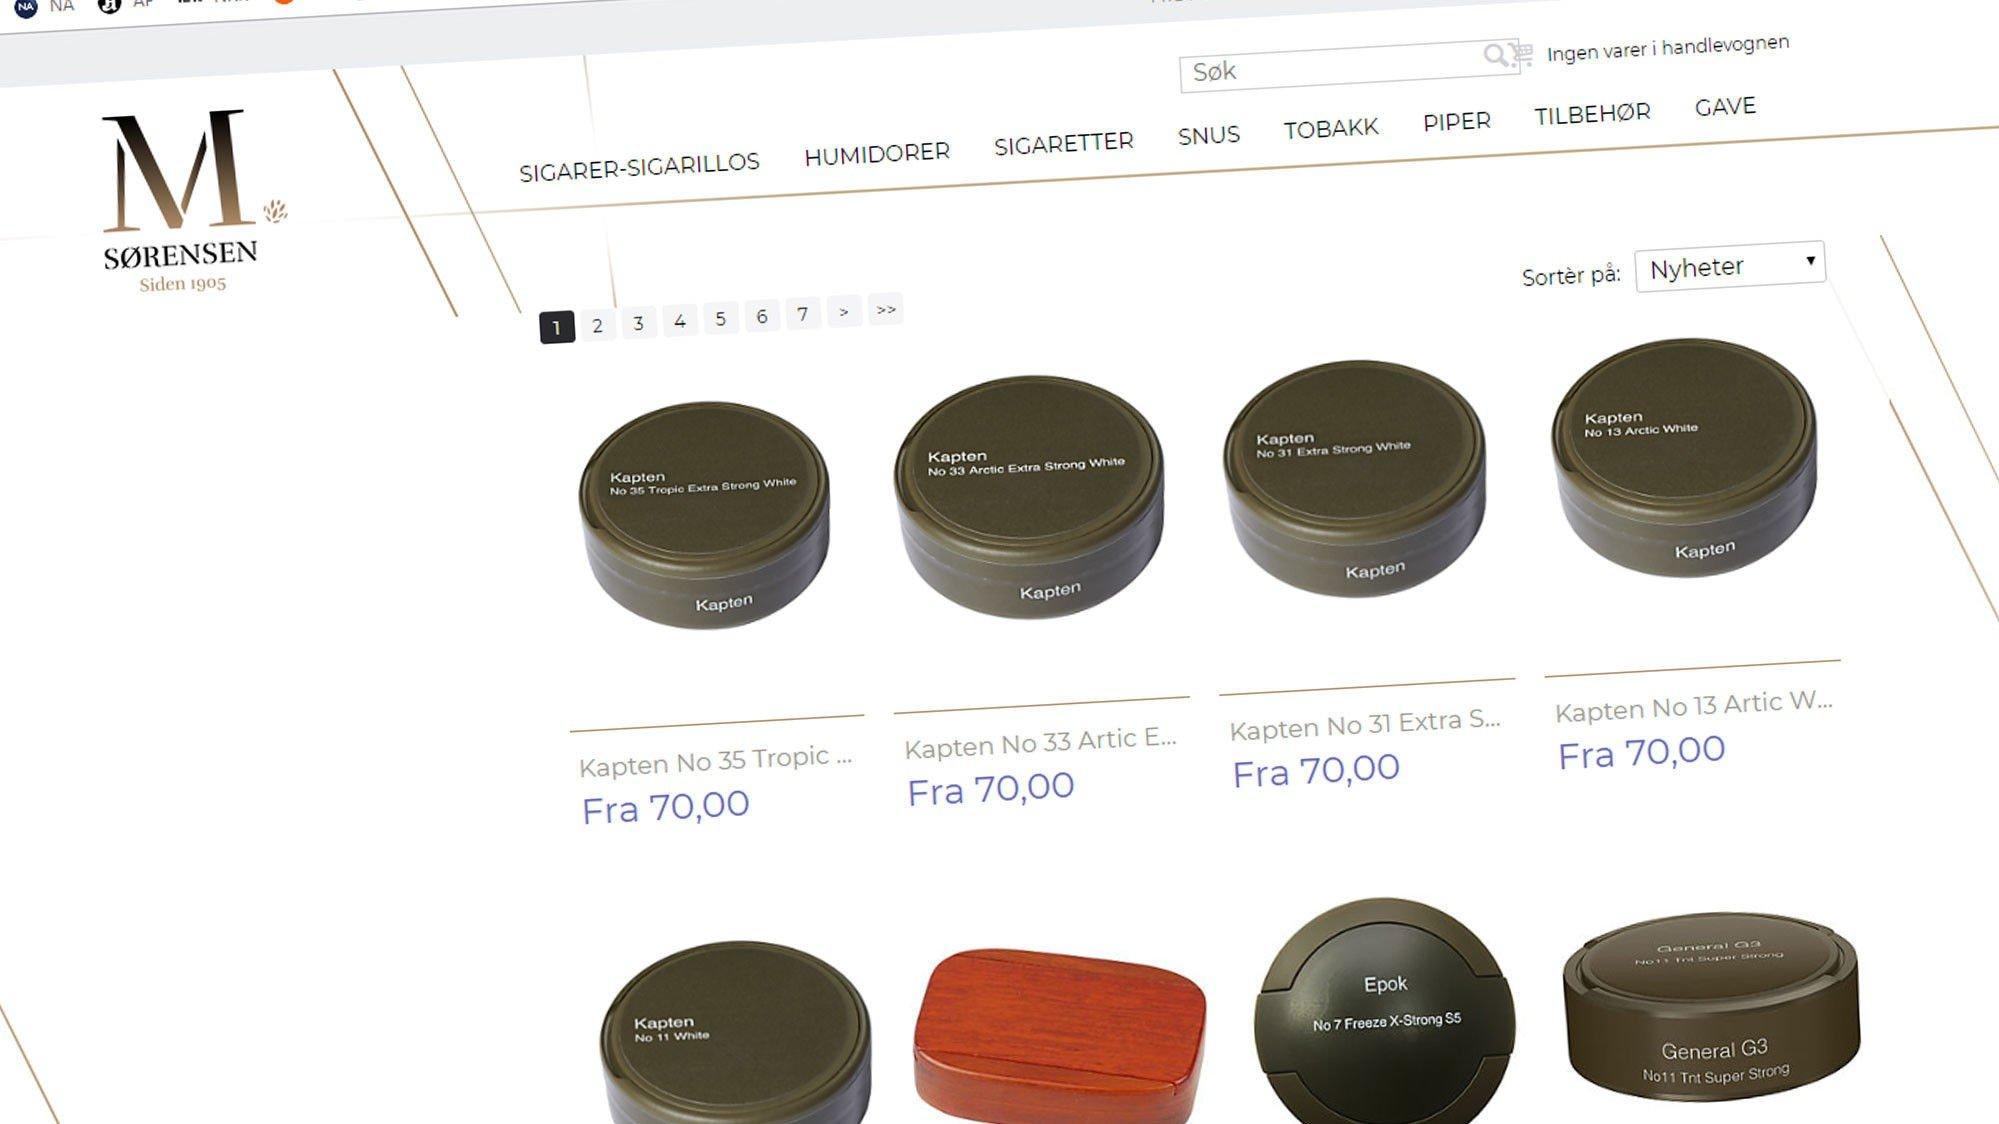 35624b449 snus , Grensehandel | Billig snus på nett er den nye farsotten